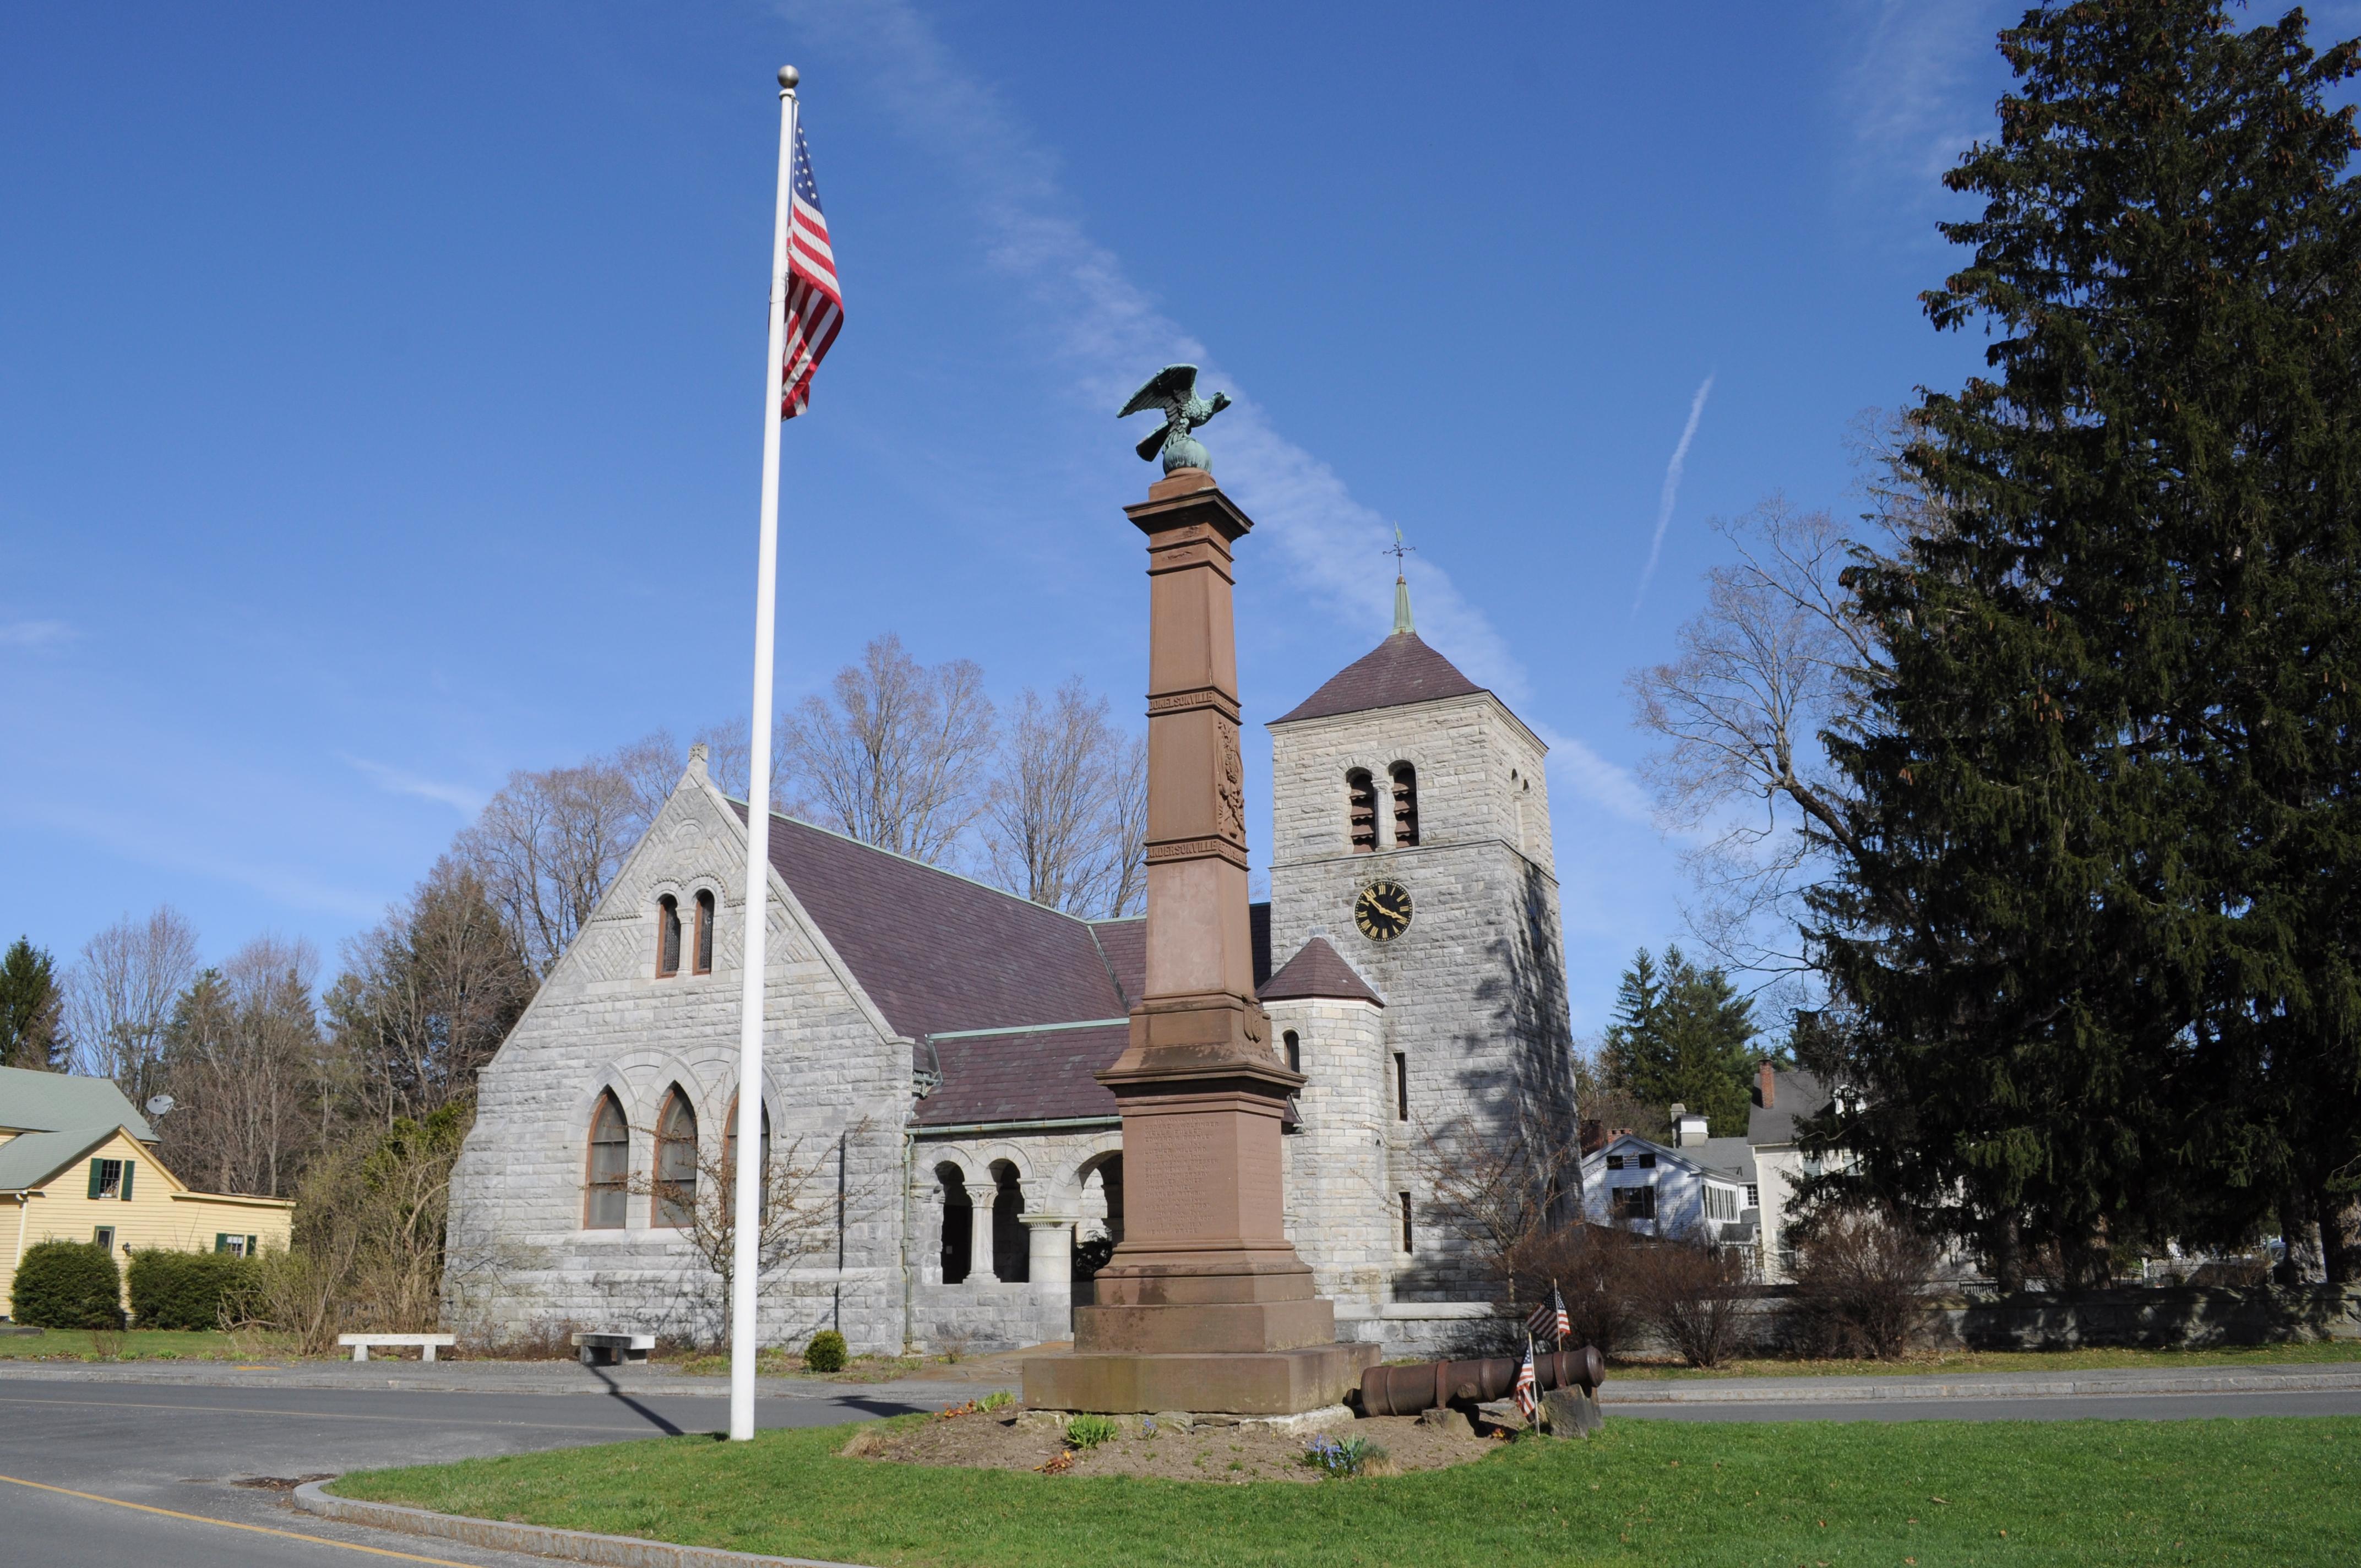 File:Stockbridge, MA - Civil War Memorial & St. Paul's ...